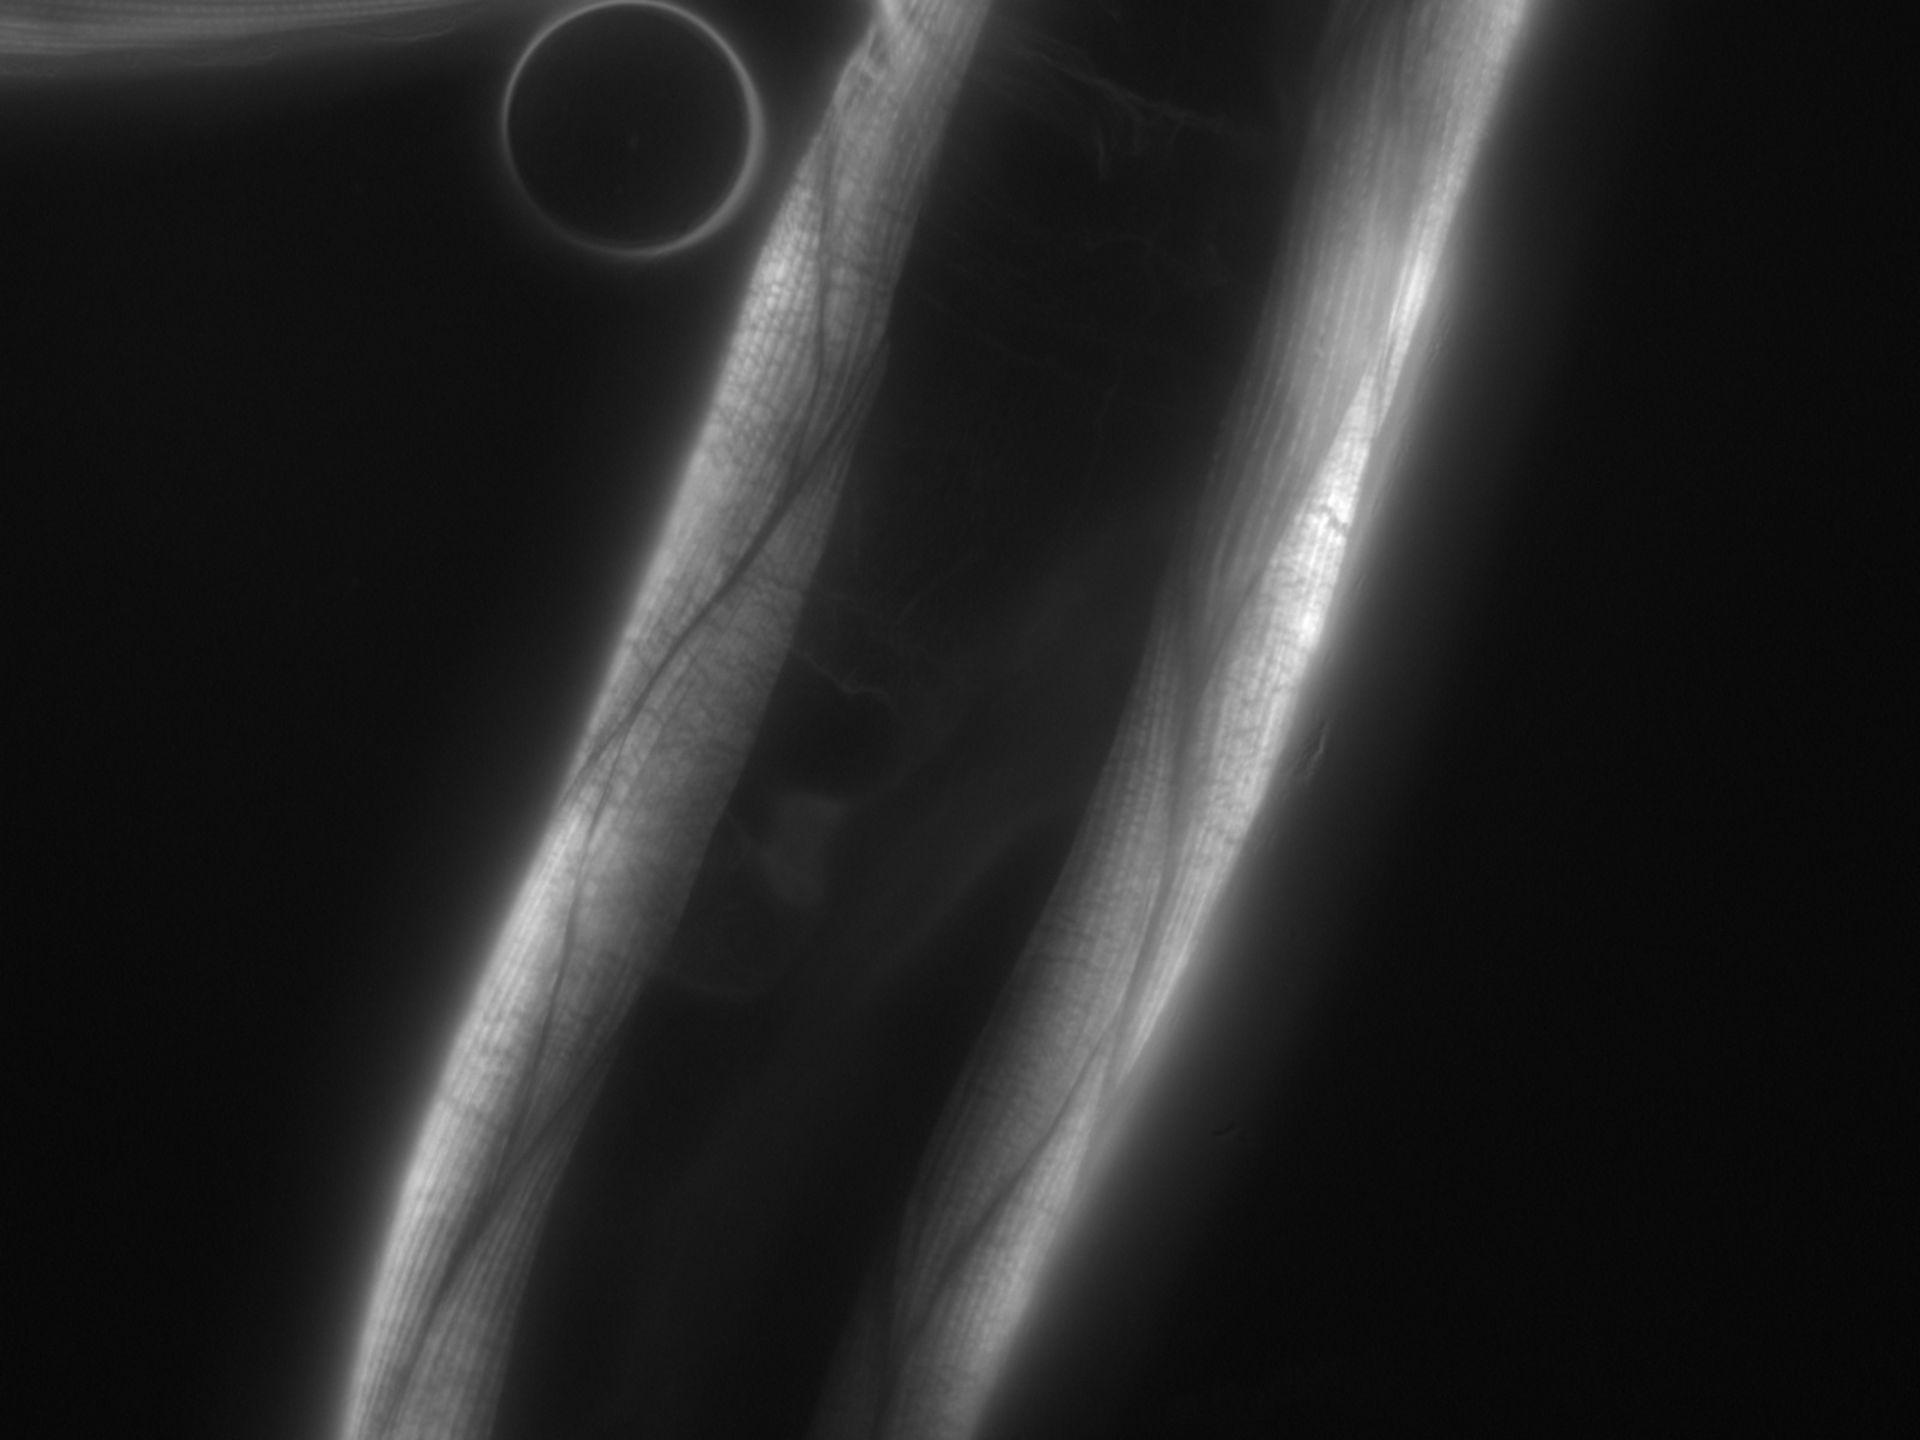 Caenorhabditis elegans (filamento di actina) - CIL:1067